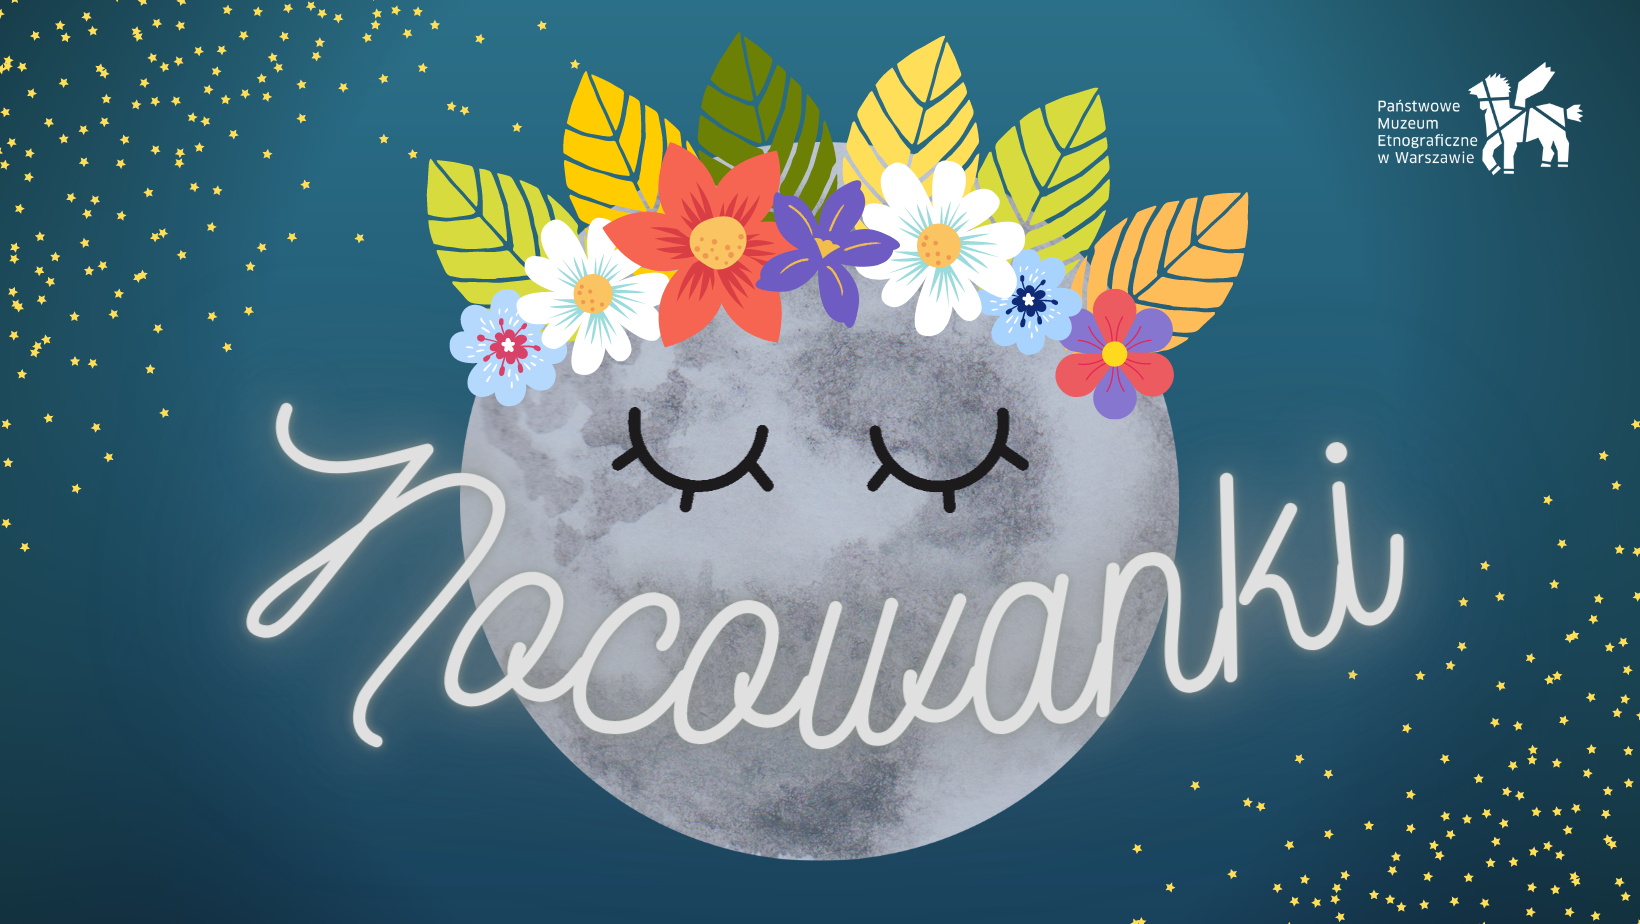 Grafika promująca Nocowanki: szary księżyc w wianuszku z kwiatków i liści, z rysunkiem zamnkiniętych, śpiących oczu. Na środku grafiki napis Nocowanki stylizowany na uliczny neon. Wszystko na ciemny tle stybomolizującym noc. W dwóch rogach kopozycji małe żótle kropoeczki przypominające rogwieżdżone niebo.